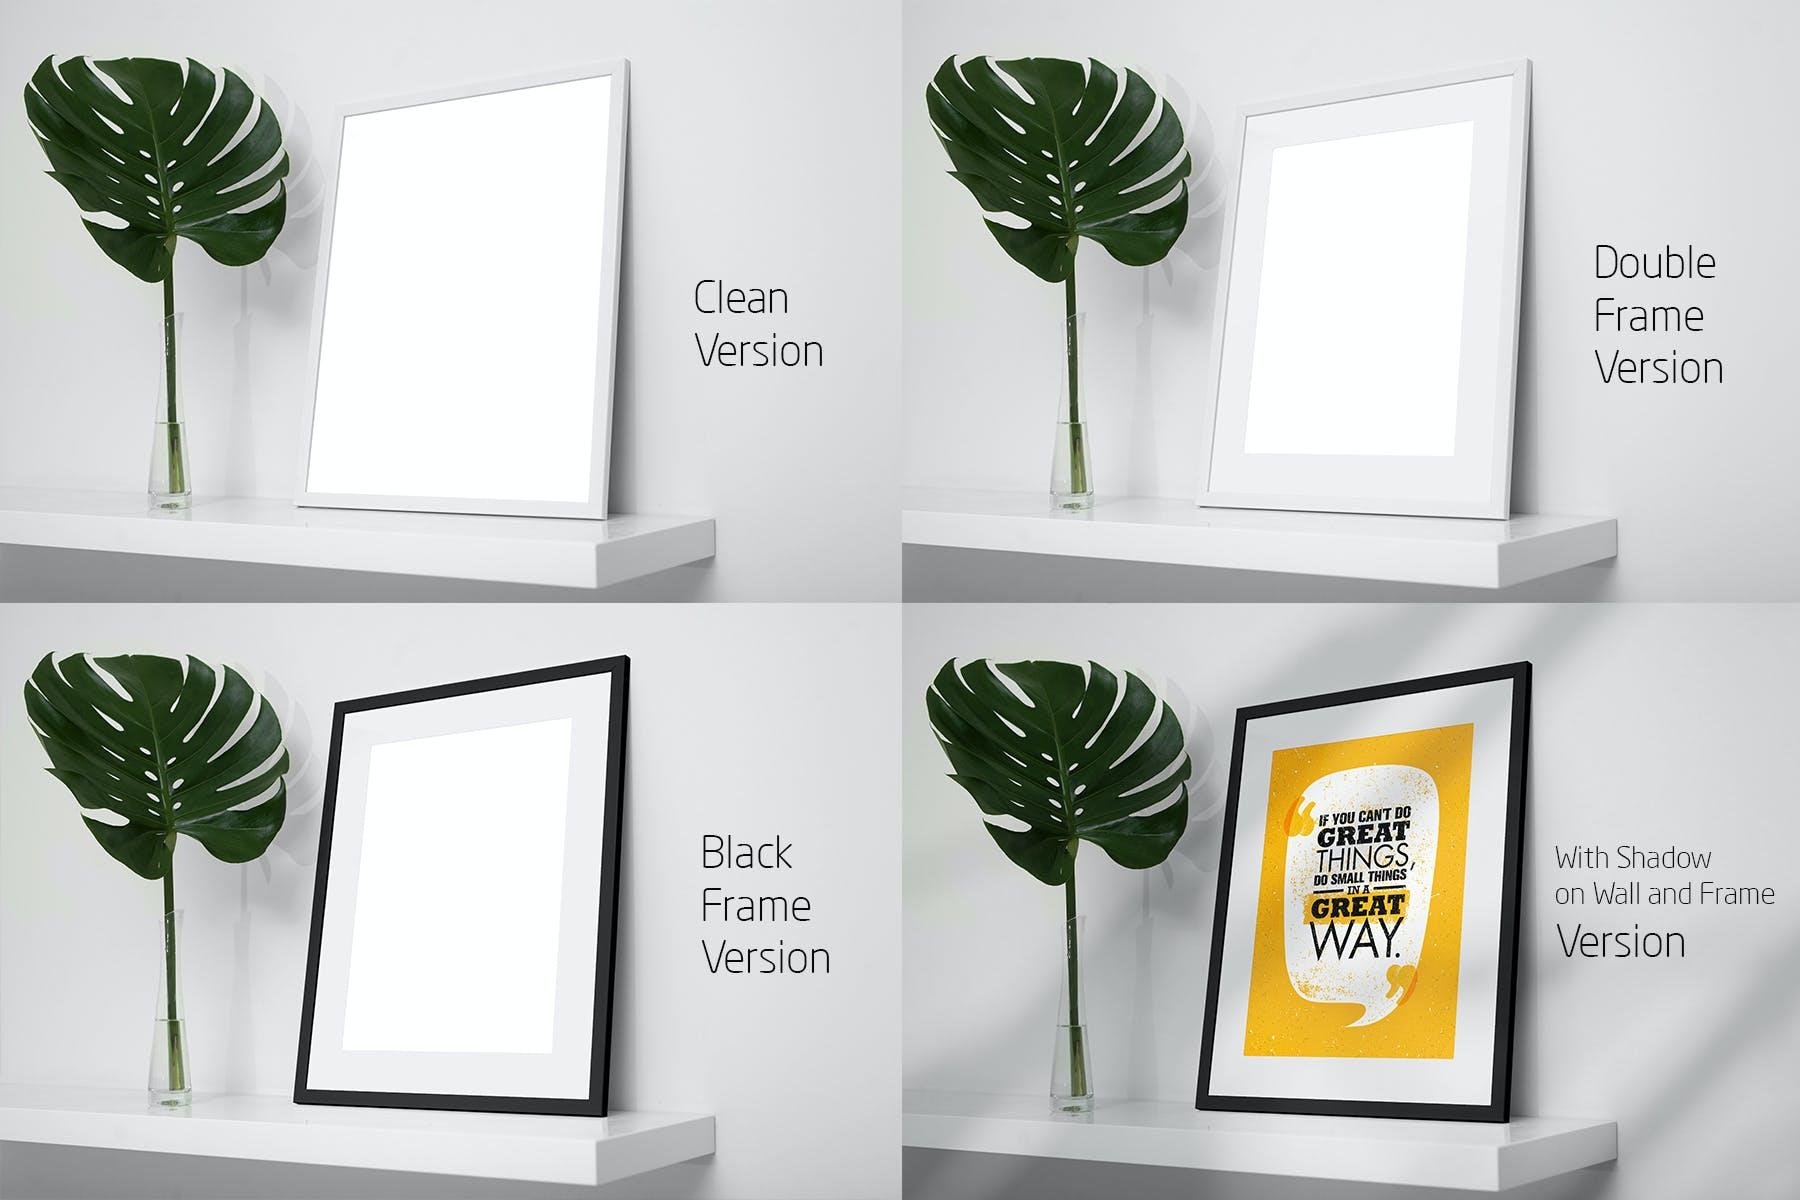 室内相片艺术品海报展示相框样机模板 Frame Mockup Home Style插图(8)